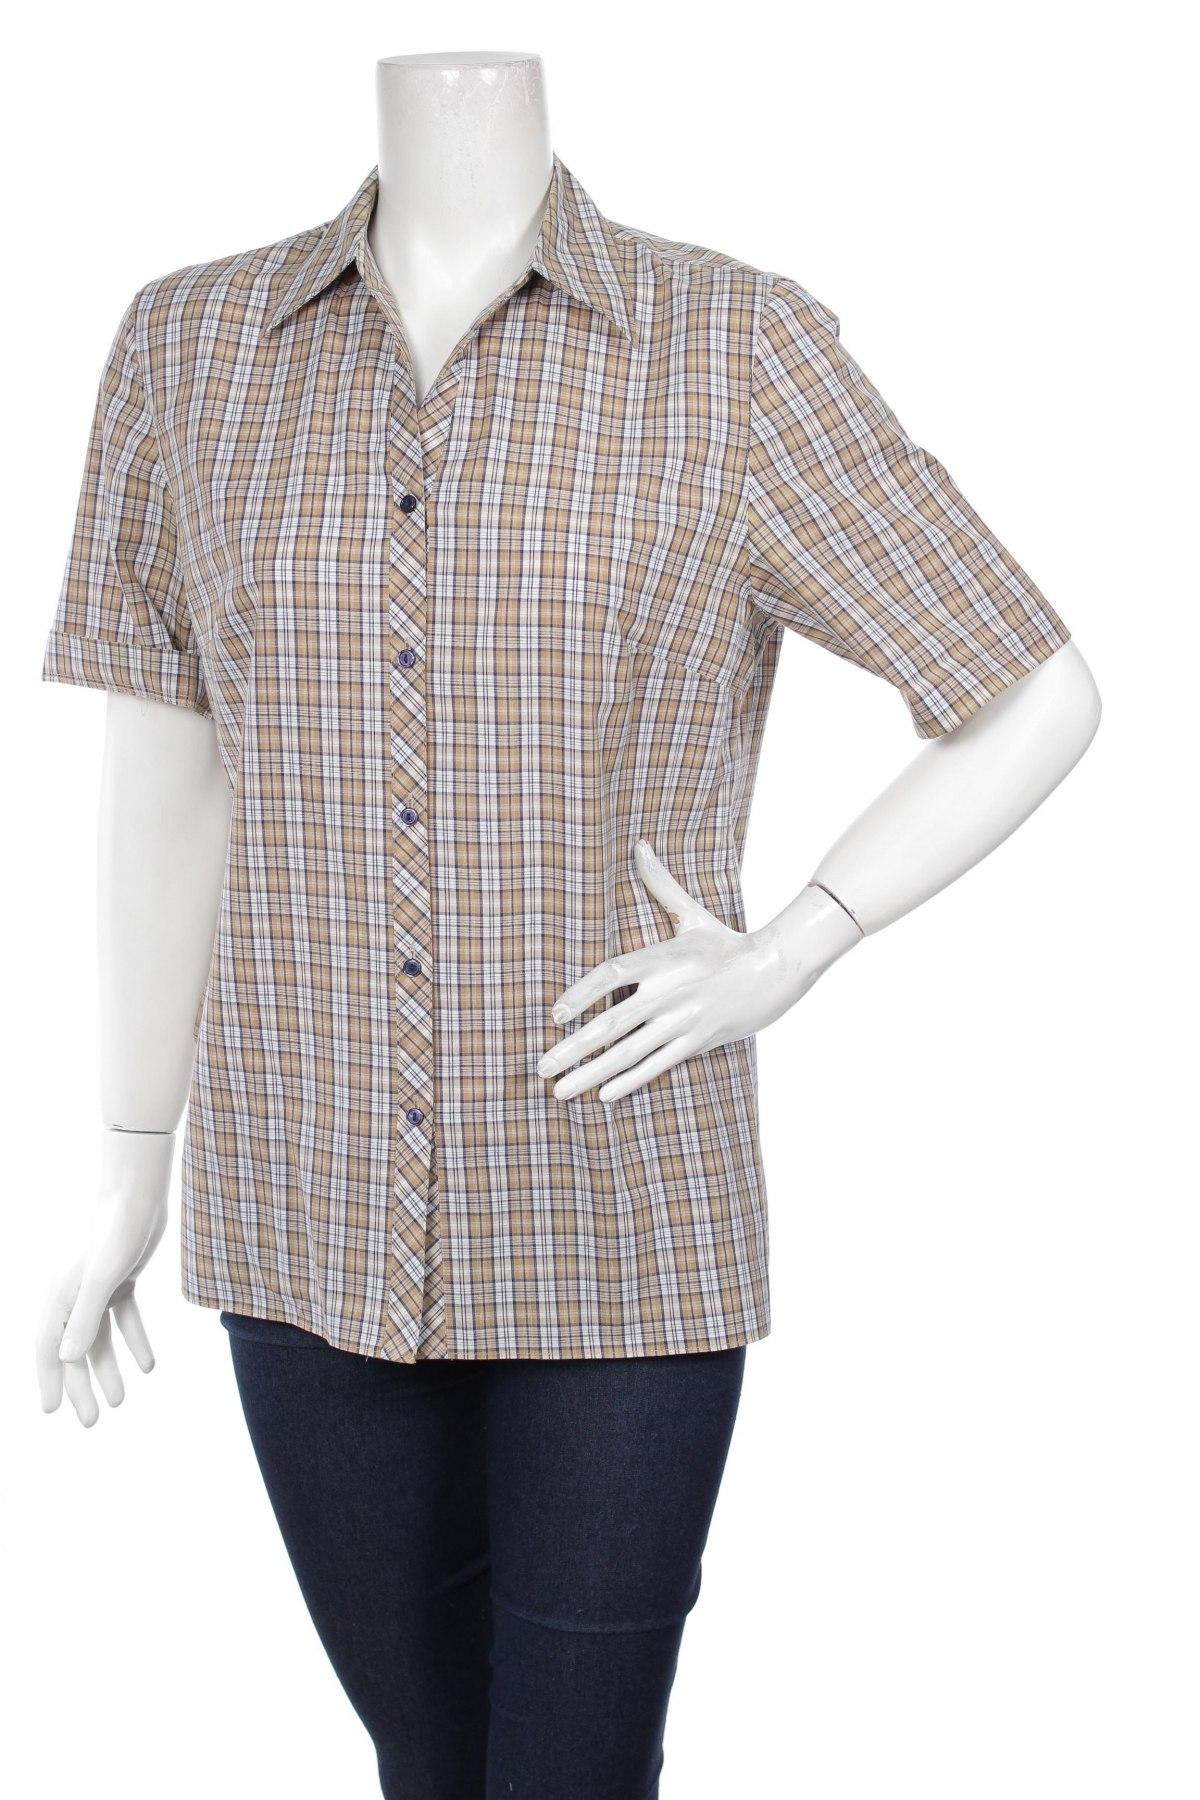 Γυναικείο πουκάμισο Fashion Classics